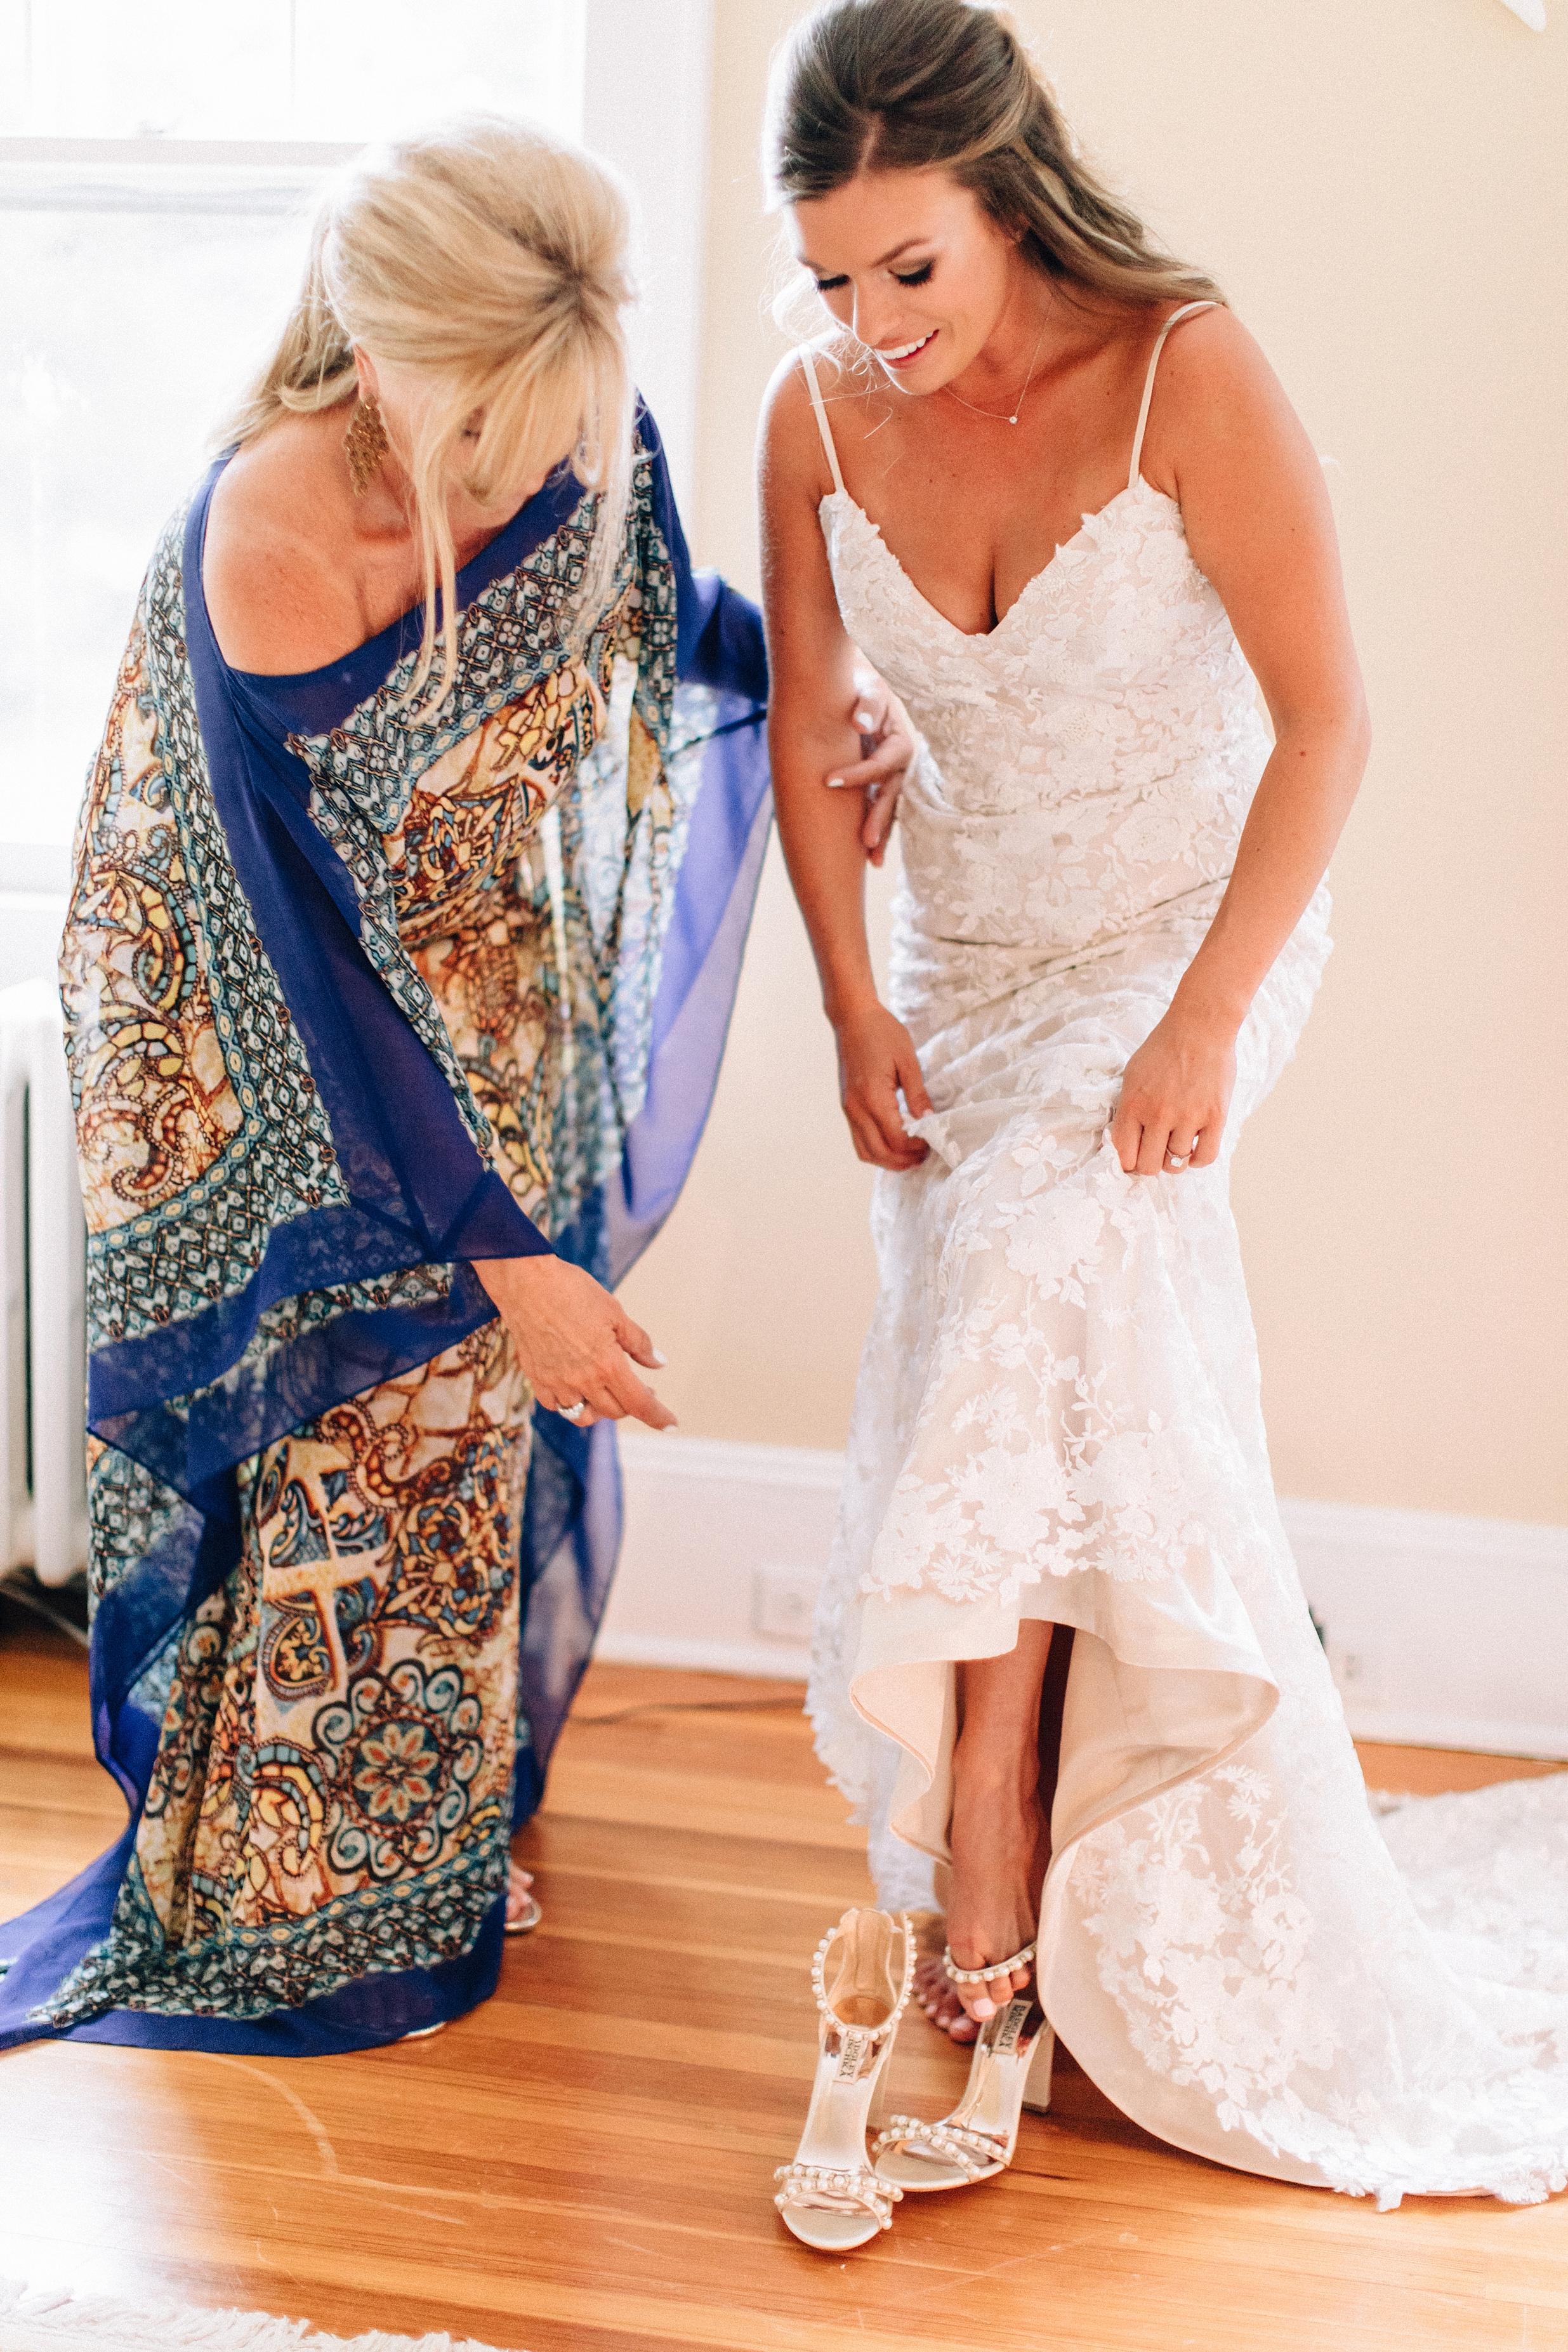 jersey-outdoor-ceremony-wedding-navasink-monmouth-rumson_0020.jpg